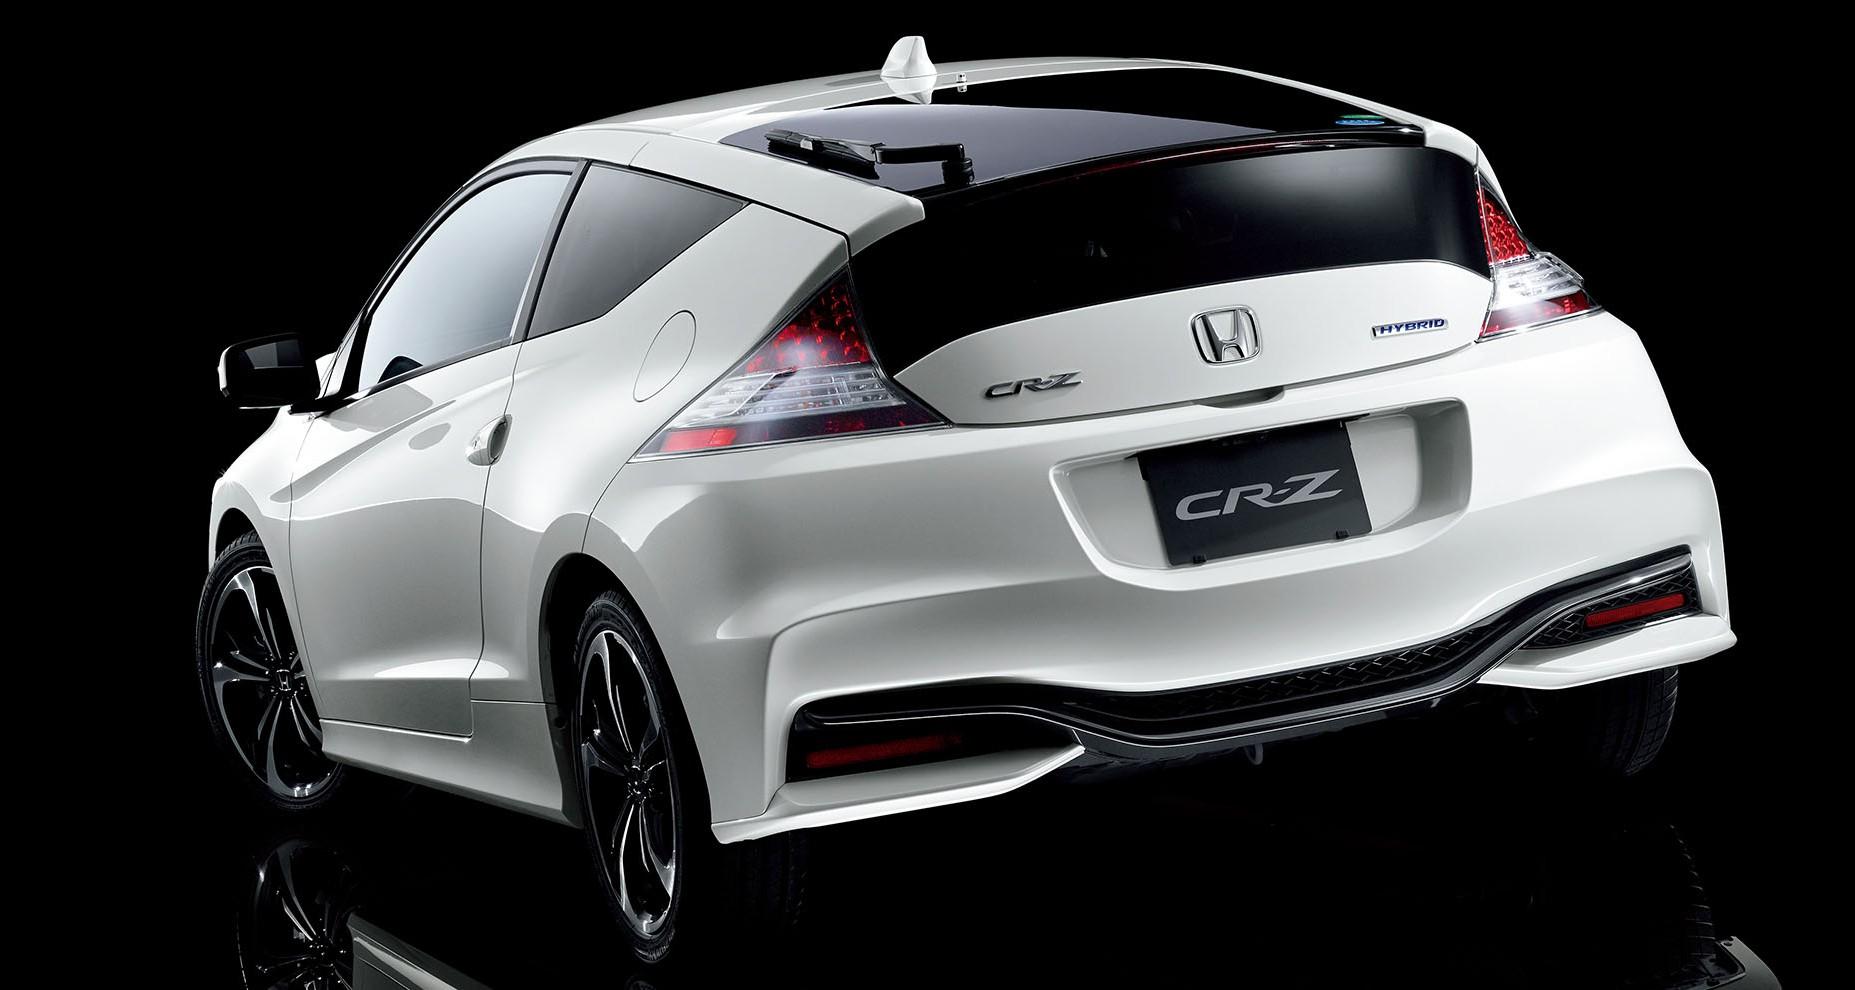 honda-cr-z-facelift-rear